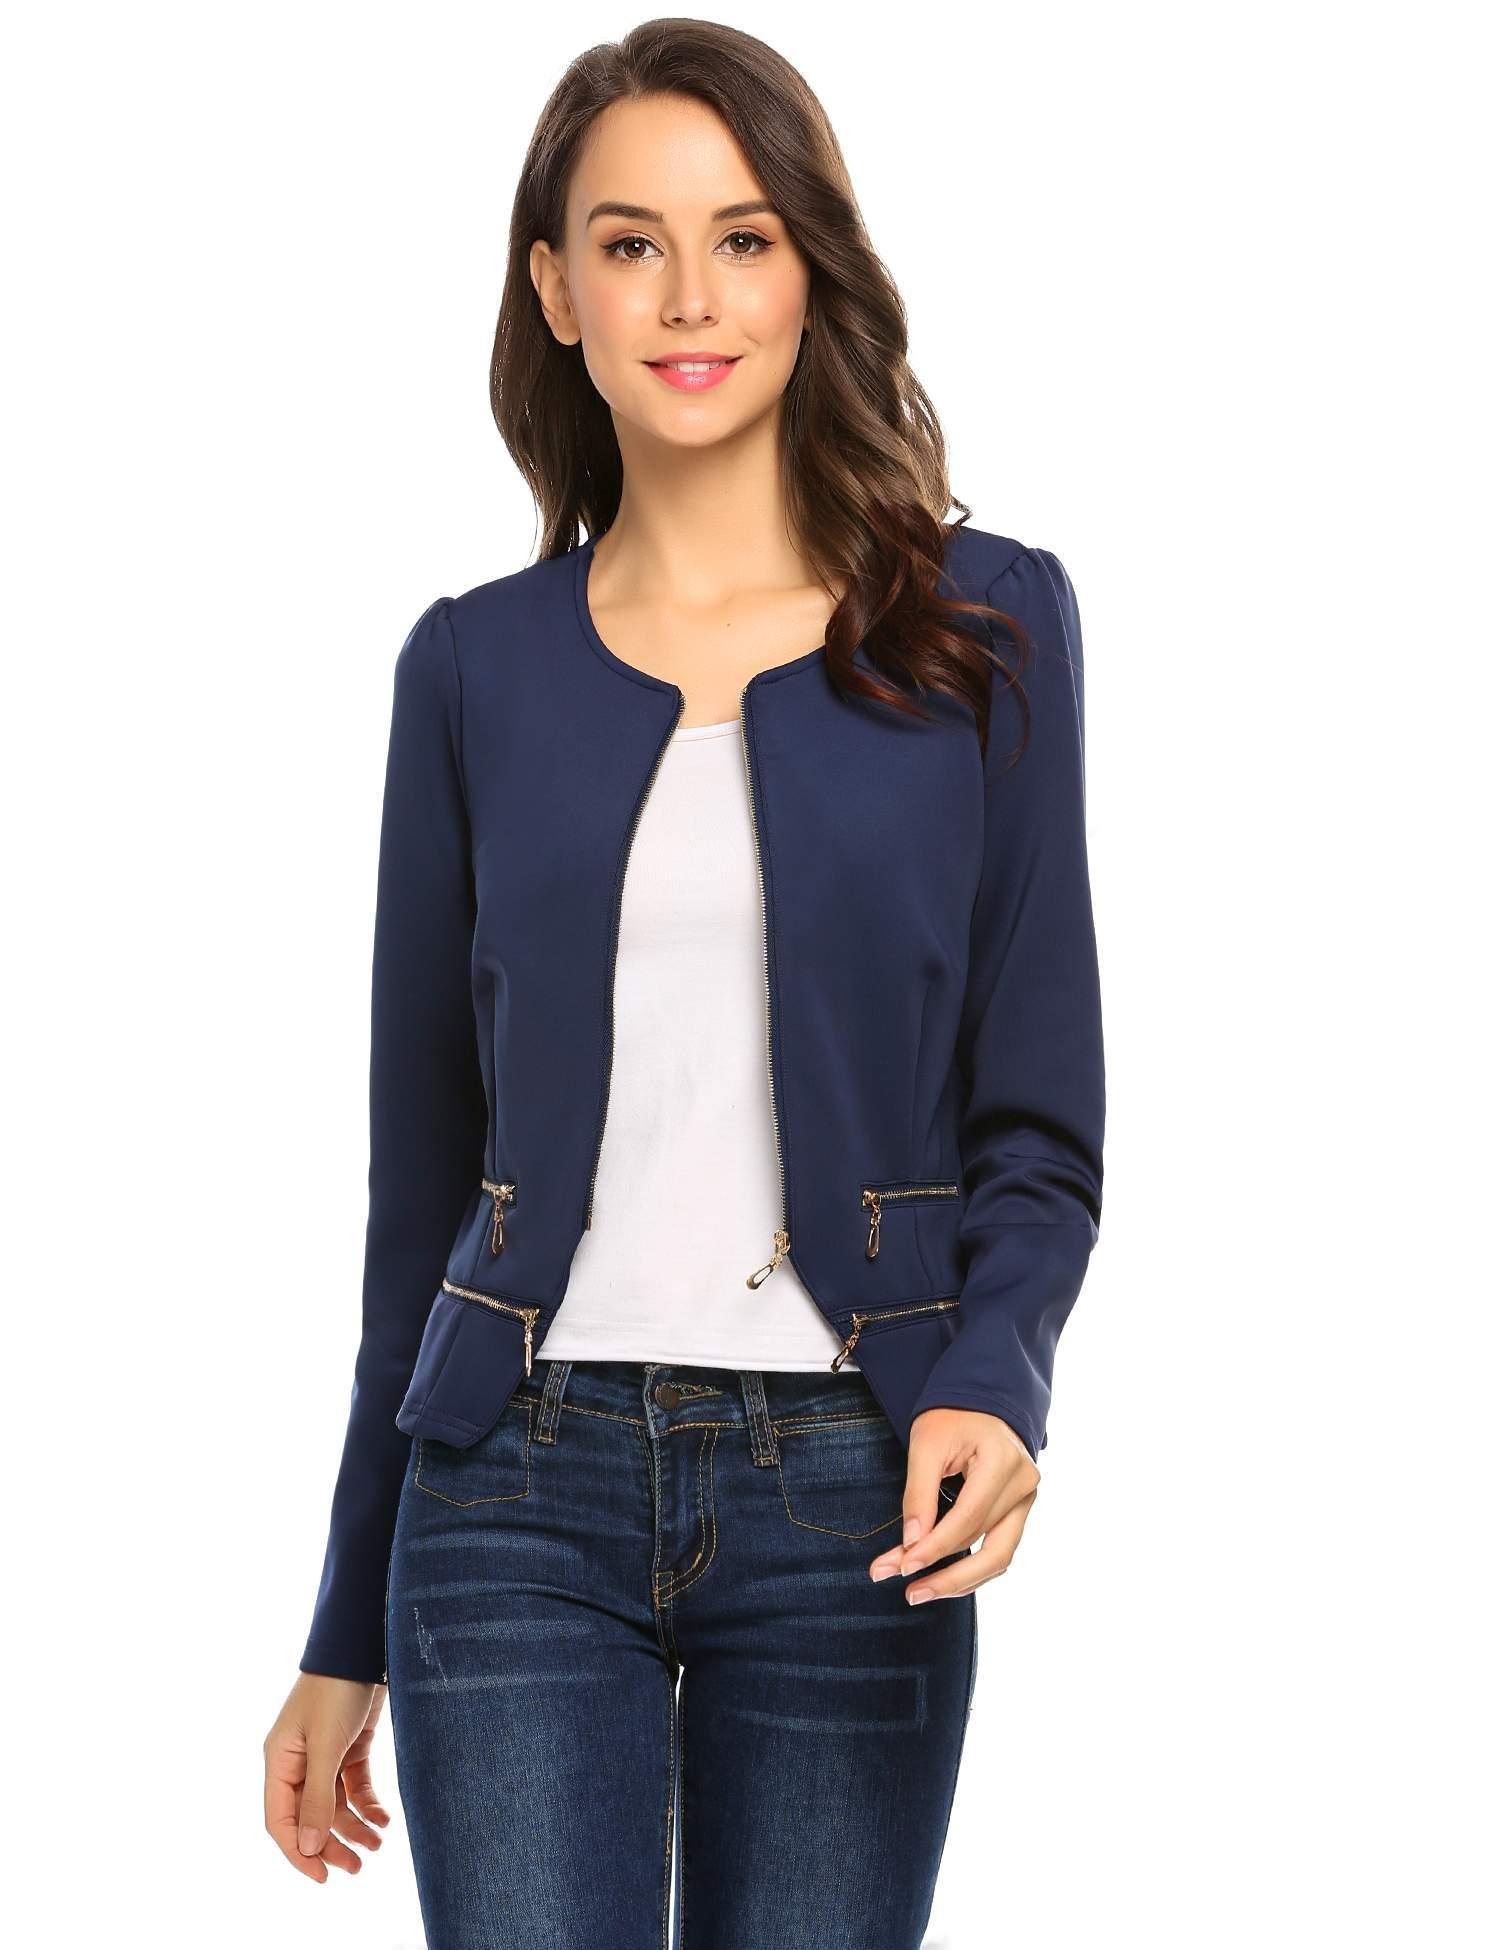 Zeagoo Women's Casual Zipper Cardigan Blazer O Neck Slim Fitted Office Jacket (L, Navy Blue) by Zeagoo (Image #2)